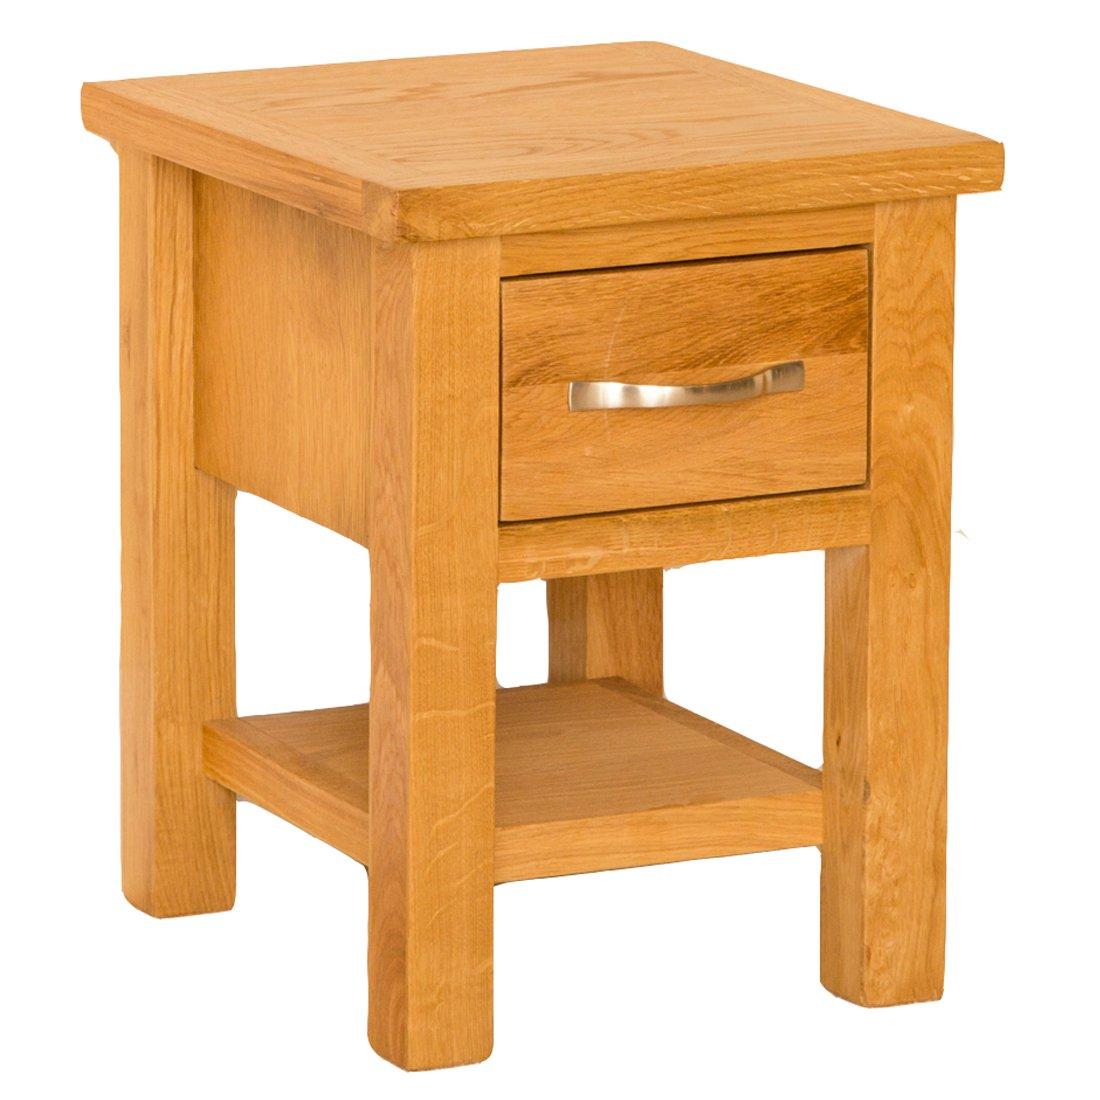 Newlyn oak side table light oak lamp table with drawer solid newlyn oak side table light oak lamp table with drawer solid wood small table roseland furniture amazon kitchen home geotapseo Gallery